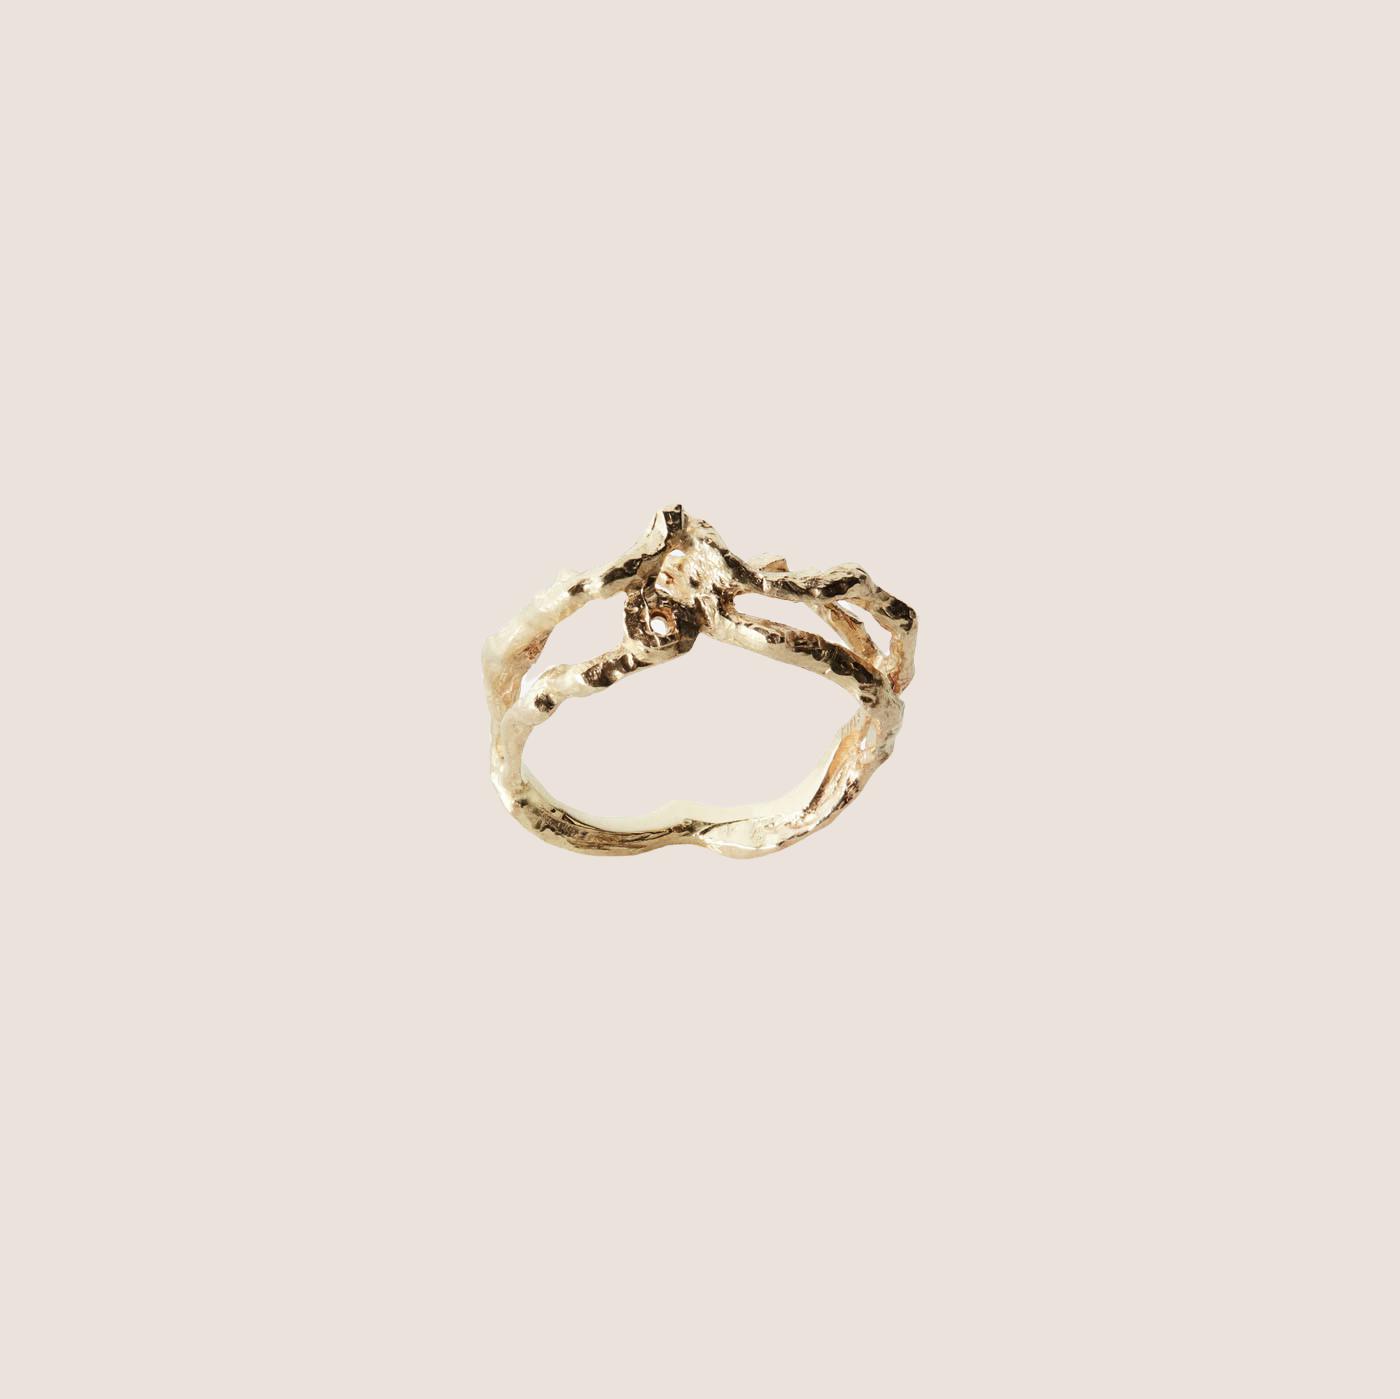 Ties Ring